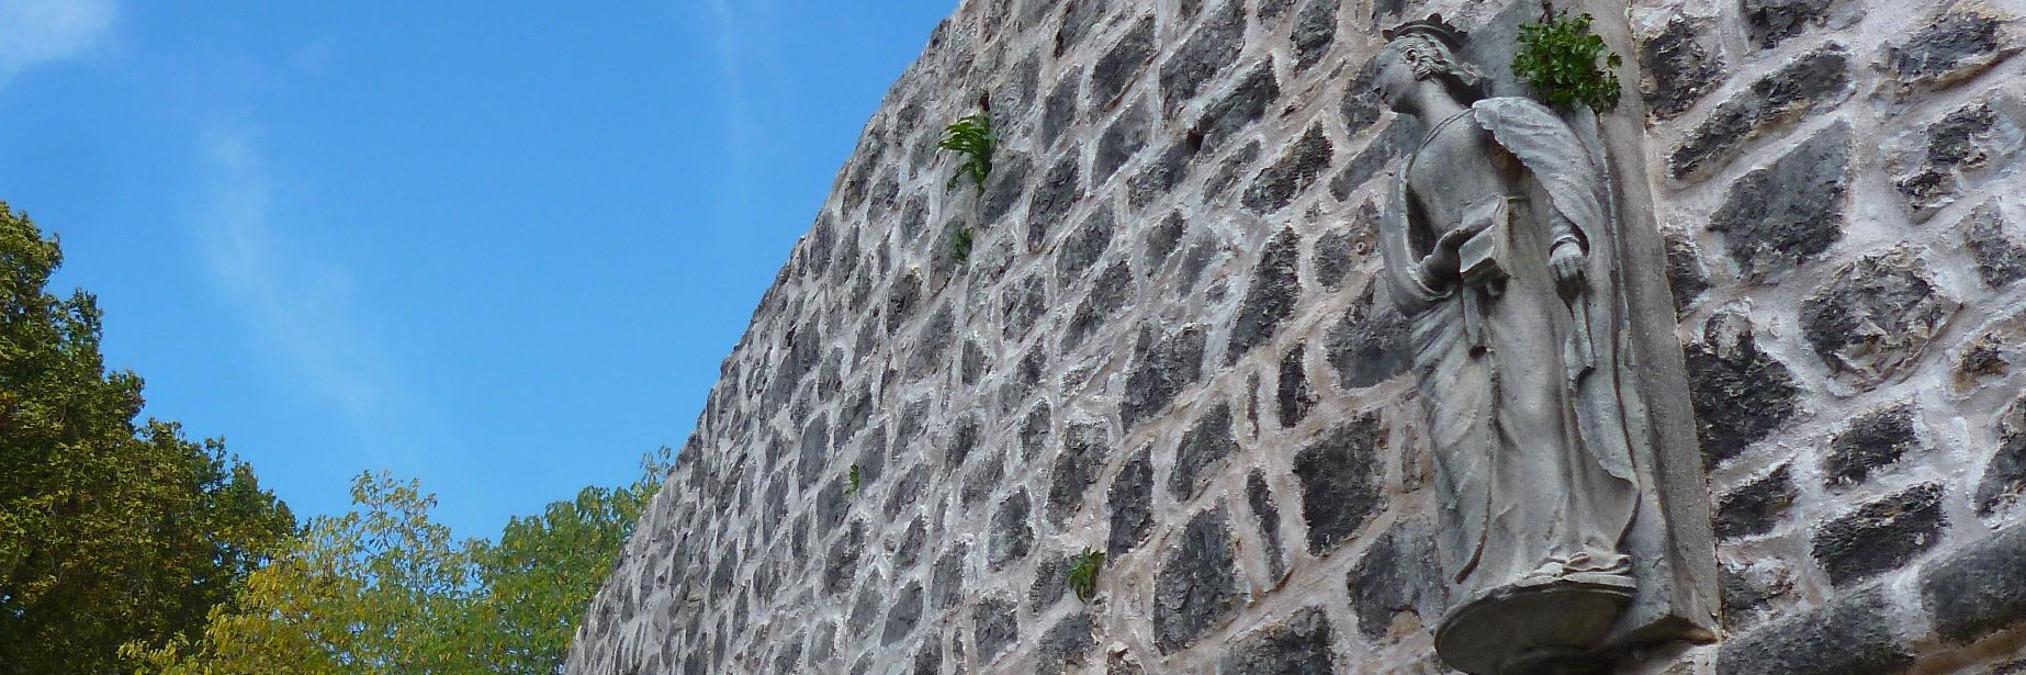 Памятник Елене Анжуйской